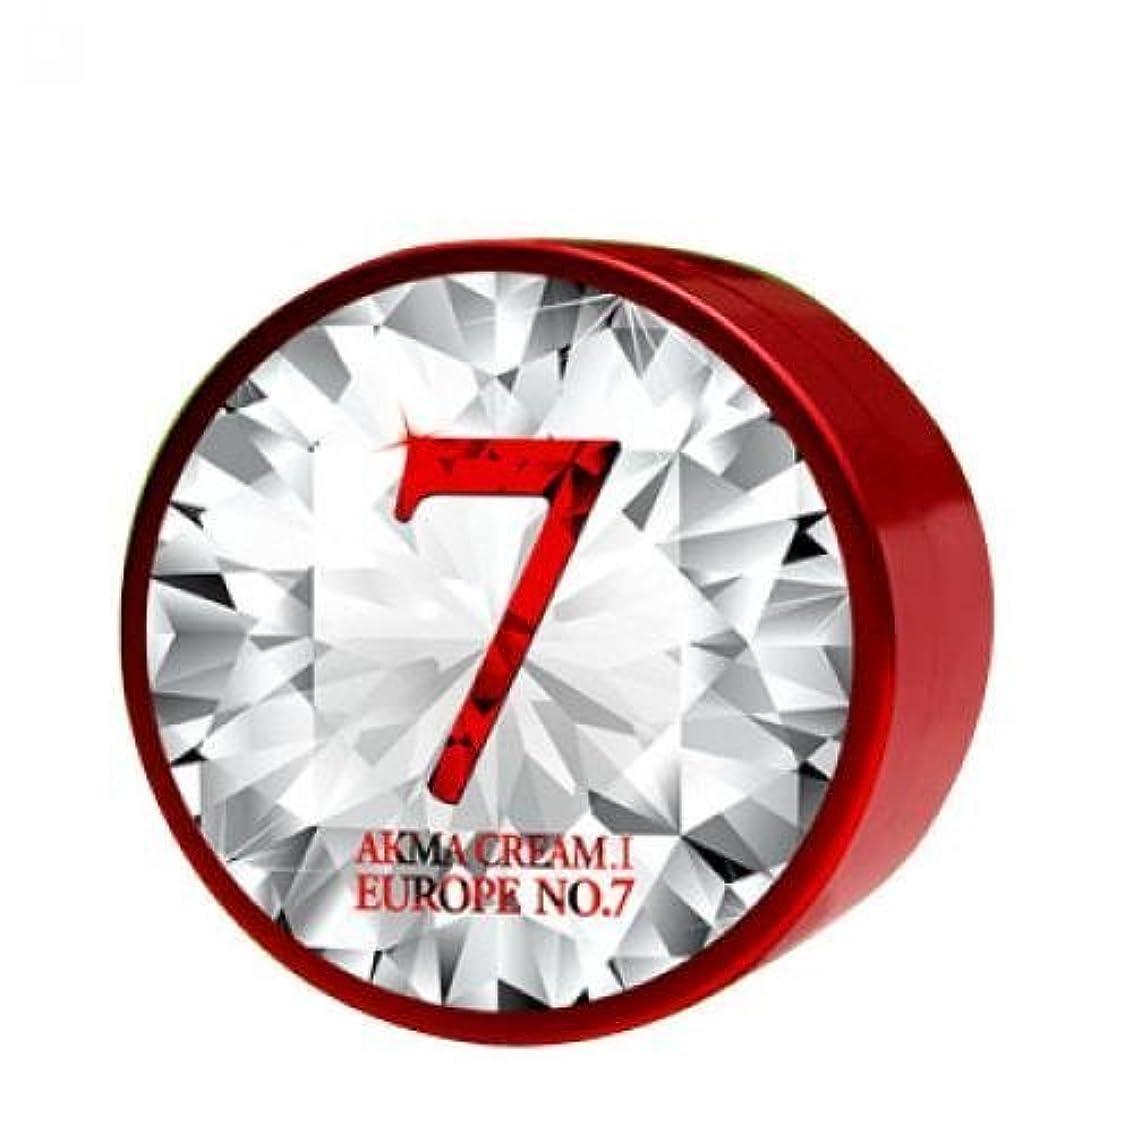 置き場アルコールタウポ湖Lalavesi AKMA Cream 1. Europe No.7 (Red Diamond Edition)/ Made in Korea